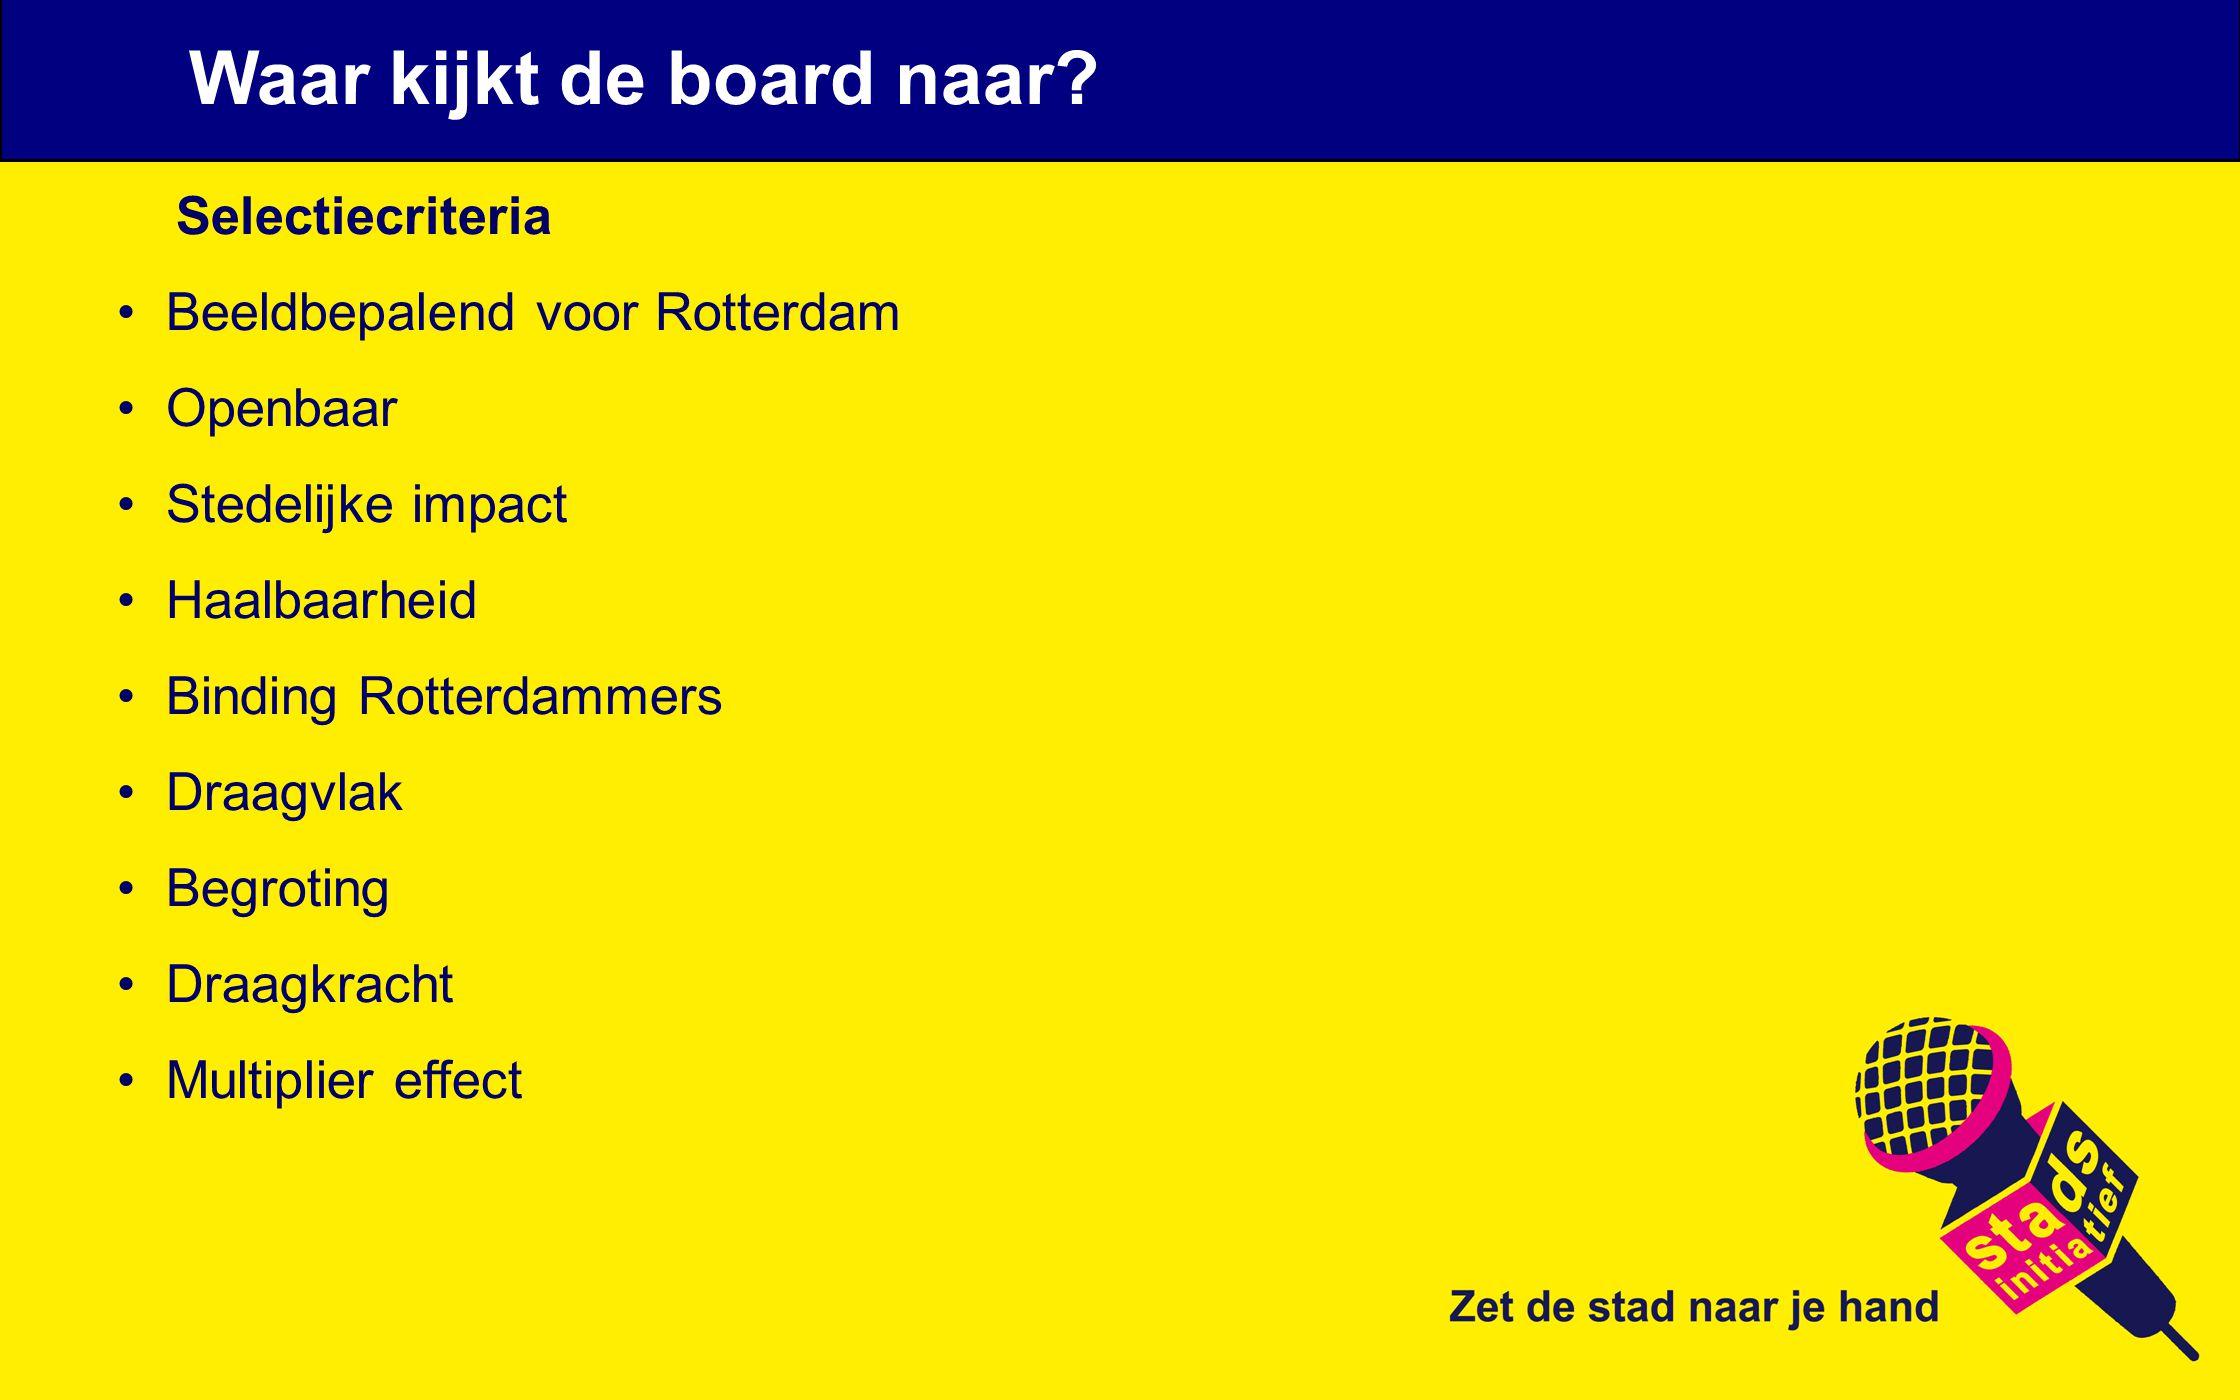 Selectiecriteria Beeldbepalend voor Rotterdam Openbaar Stedelijke impact Haalbaarheid Binding Rotterdammers Draagvlak Begroting Draagkracht Multiplier